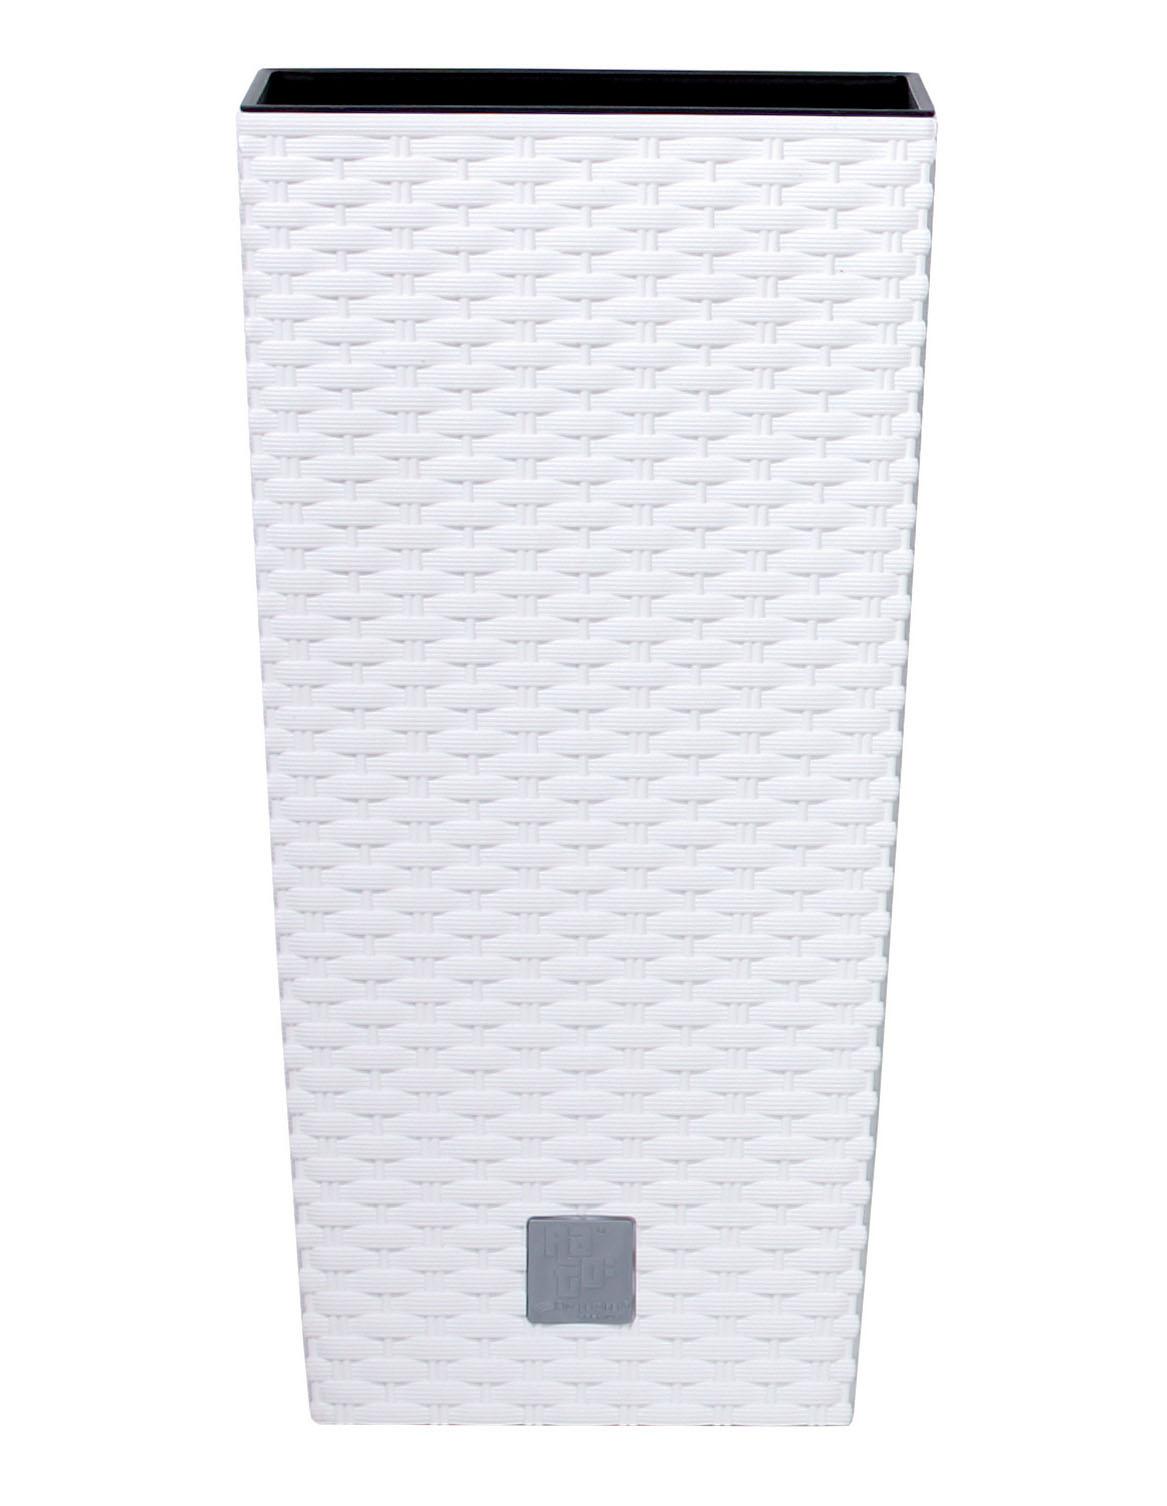 PROSPERPLAST Květináč RATO SQUARE + vklad bílý 20cm